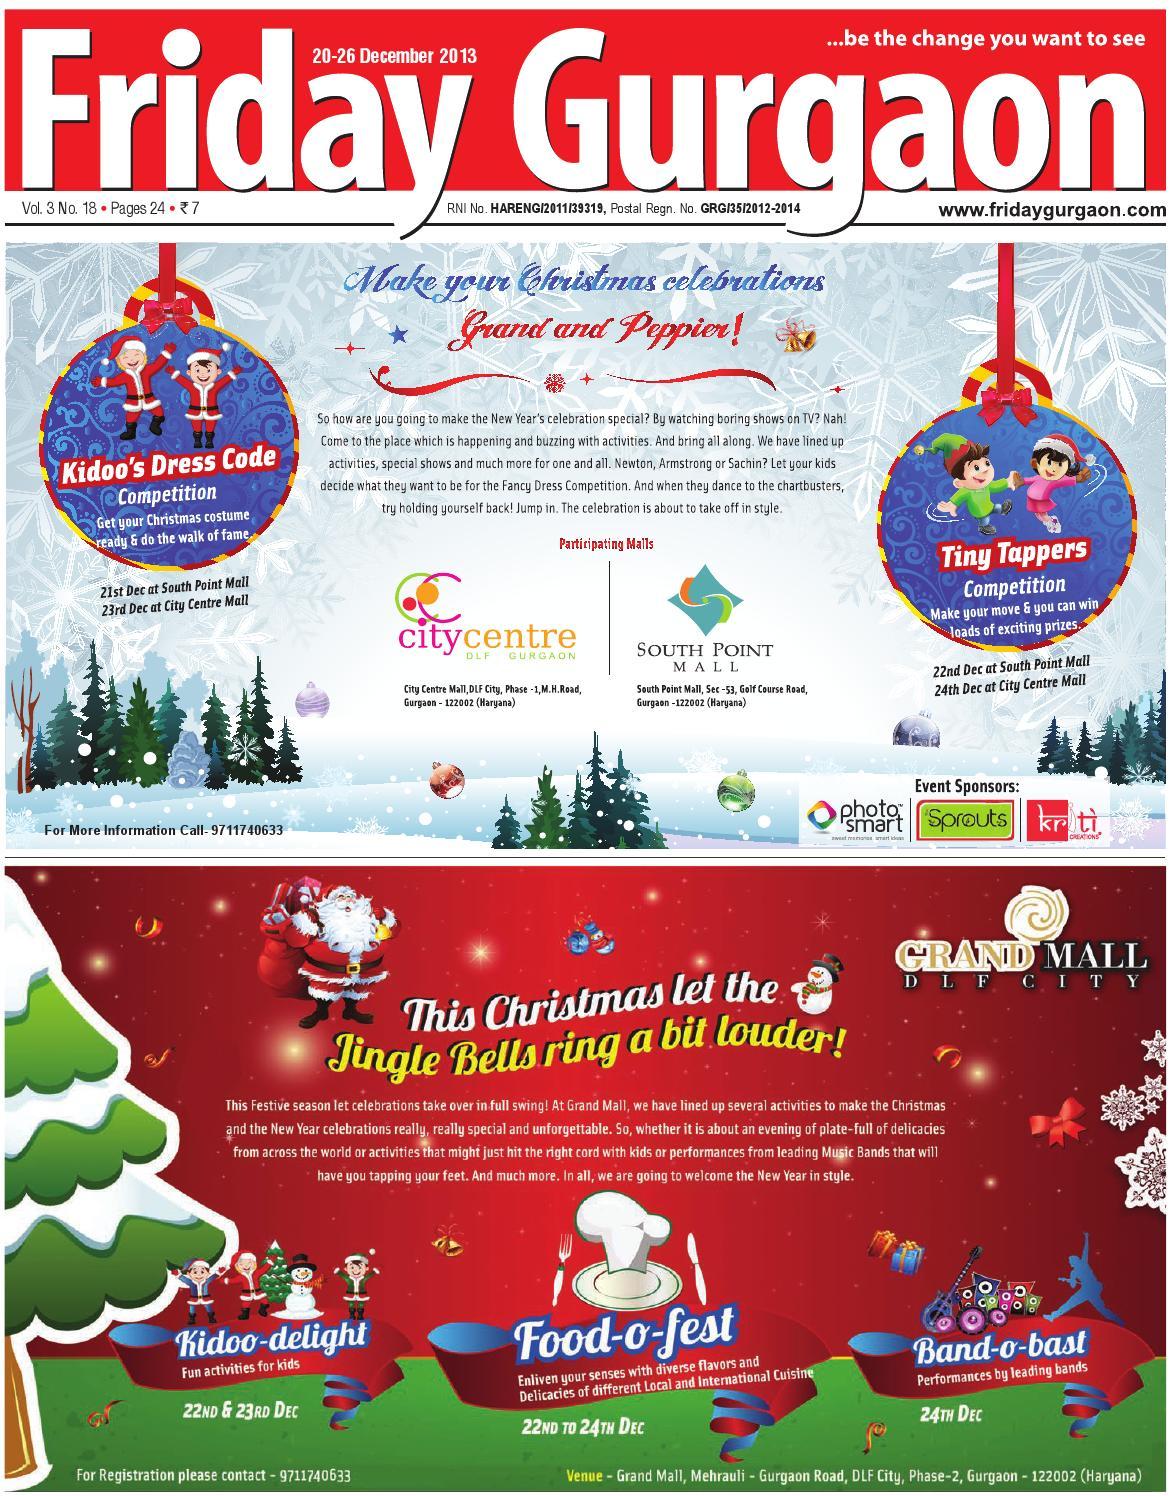 Frdiay gurgaon 20 26 dec, 2013 by Friday Gurgaon - issuu